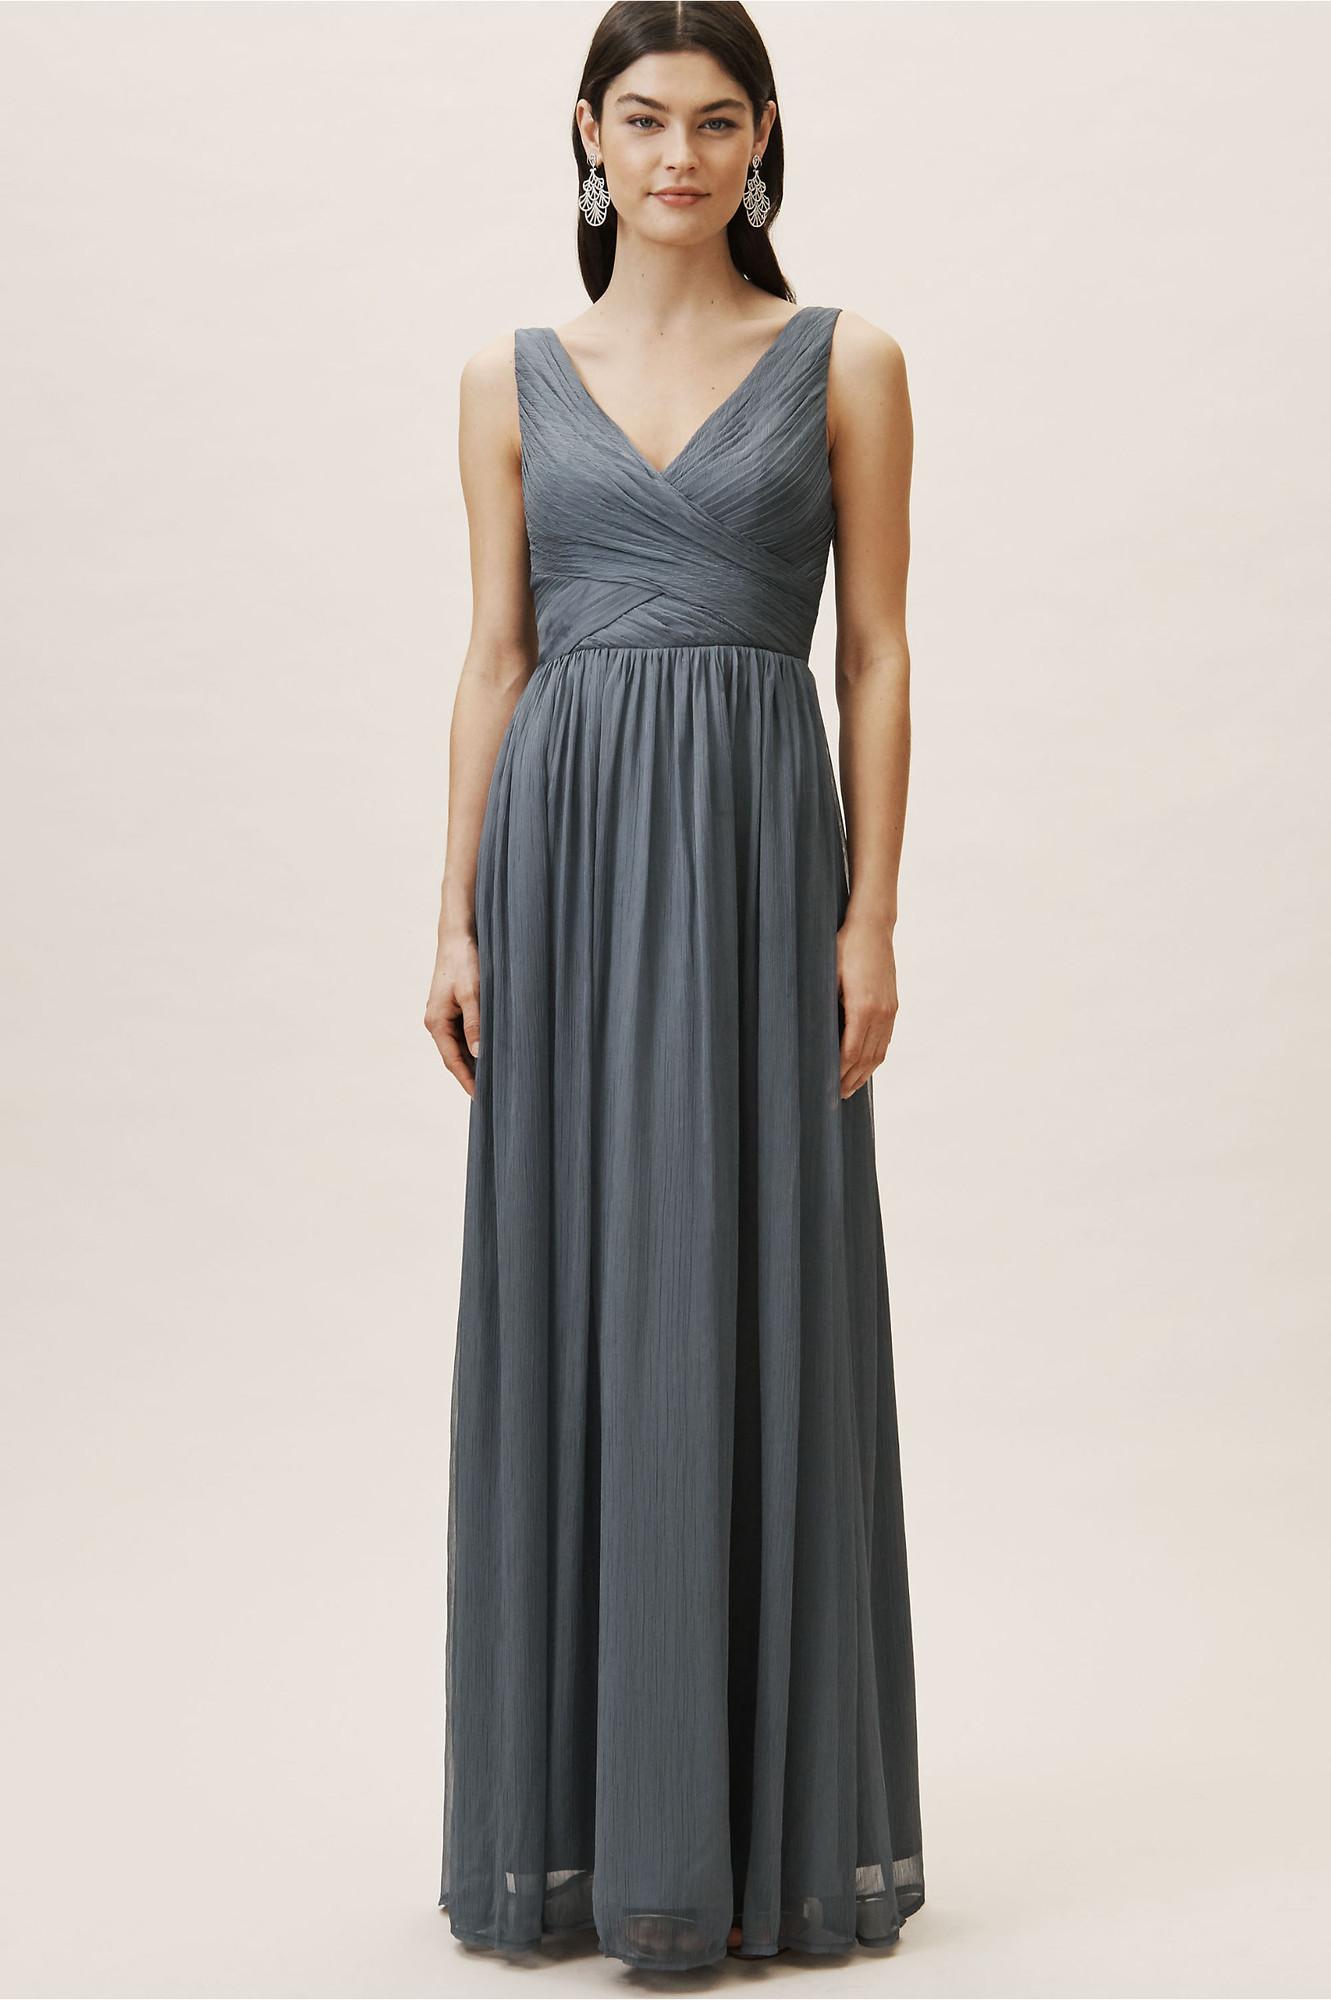 106464af2c982 Kia Dress - Hydrangea Sheath Bridesmaid Dress by BHLDN Bridesmaids ...